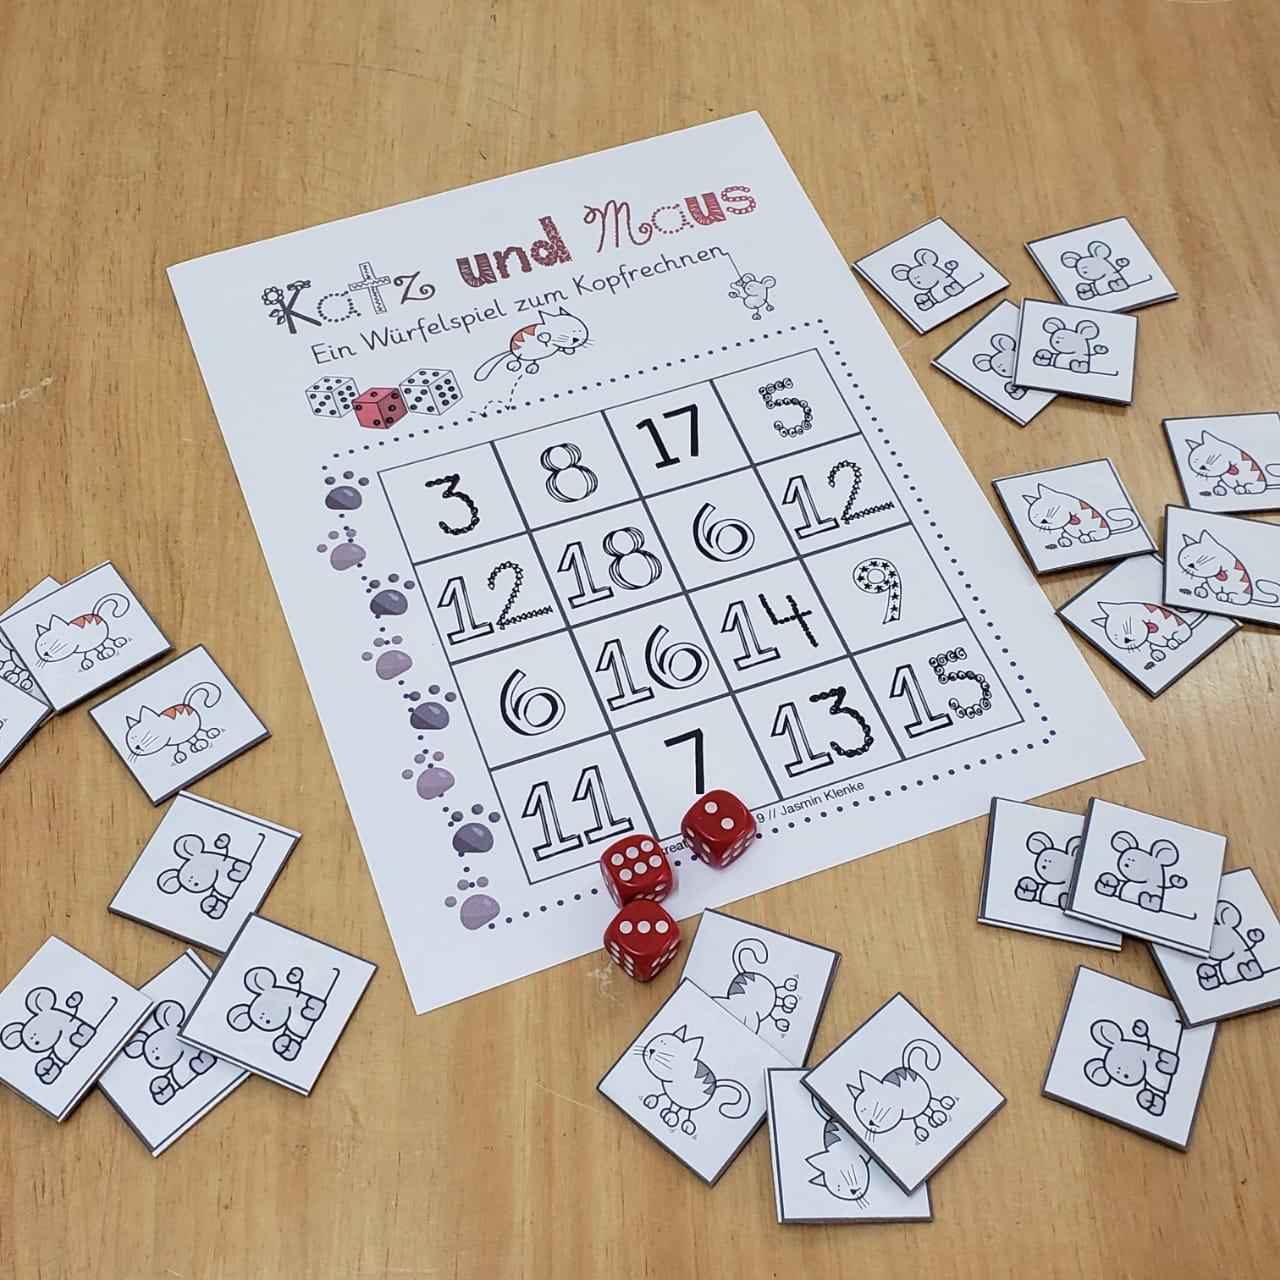 Übe Kopfrechnen mit deinen Schülern spielerisch mit diesem schnellen Würfelspiel.